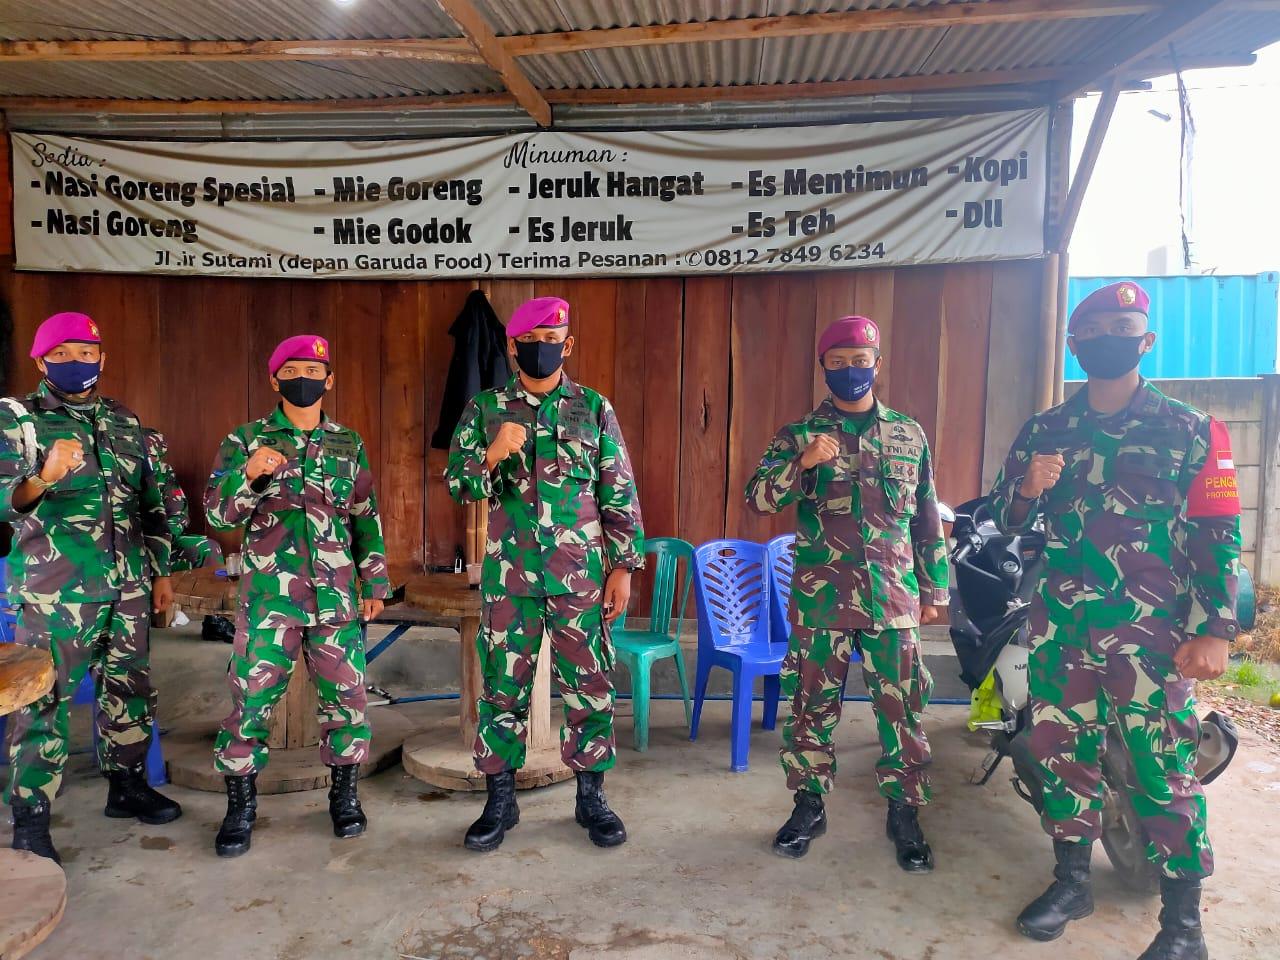 Batalyon Infanteri 7 Marinir Melaksanakan Pengecekan Pasukan Gugus Tugas Covid-19 Wilayah Lampung